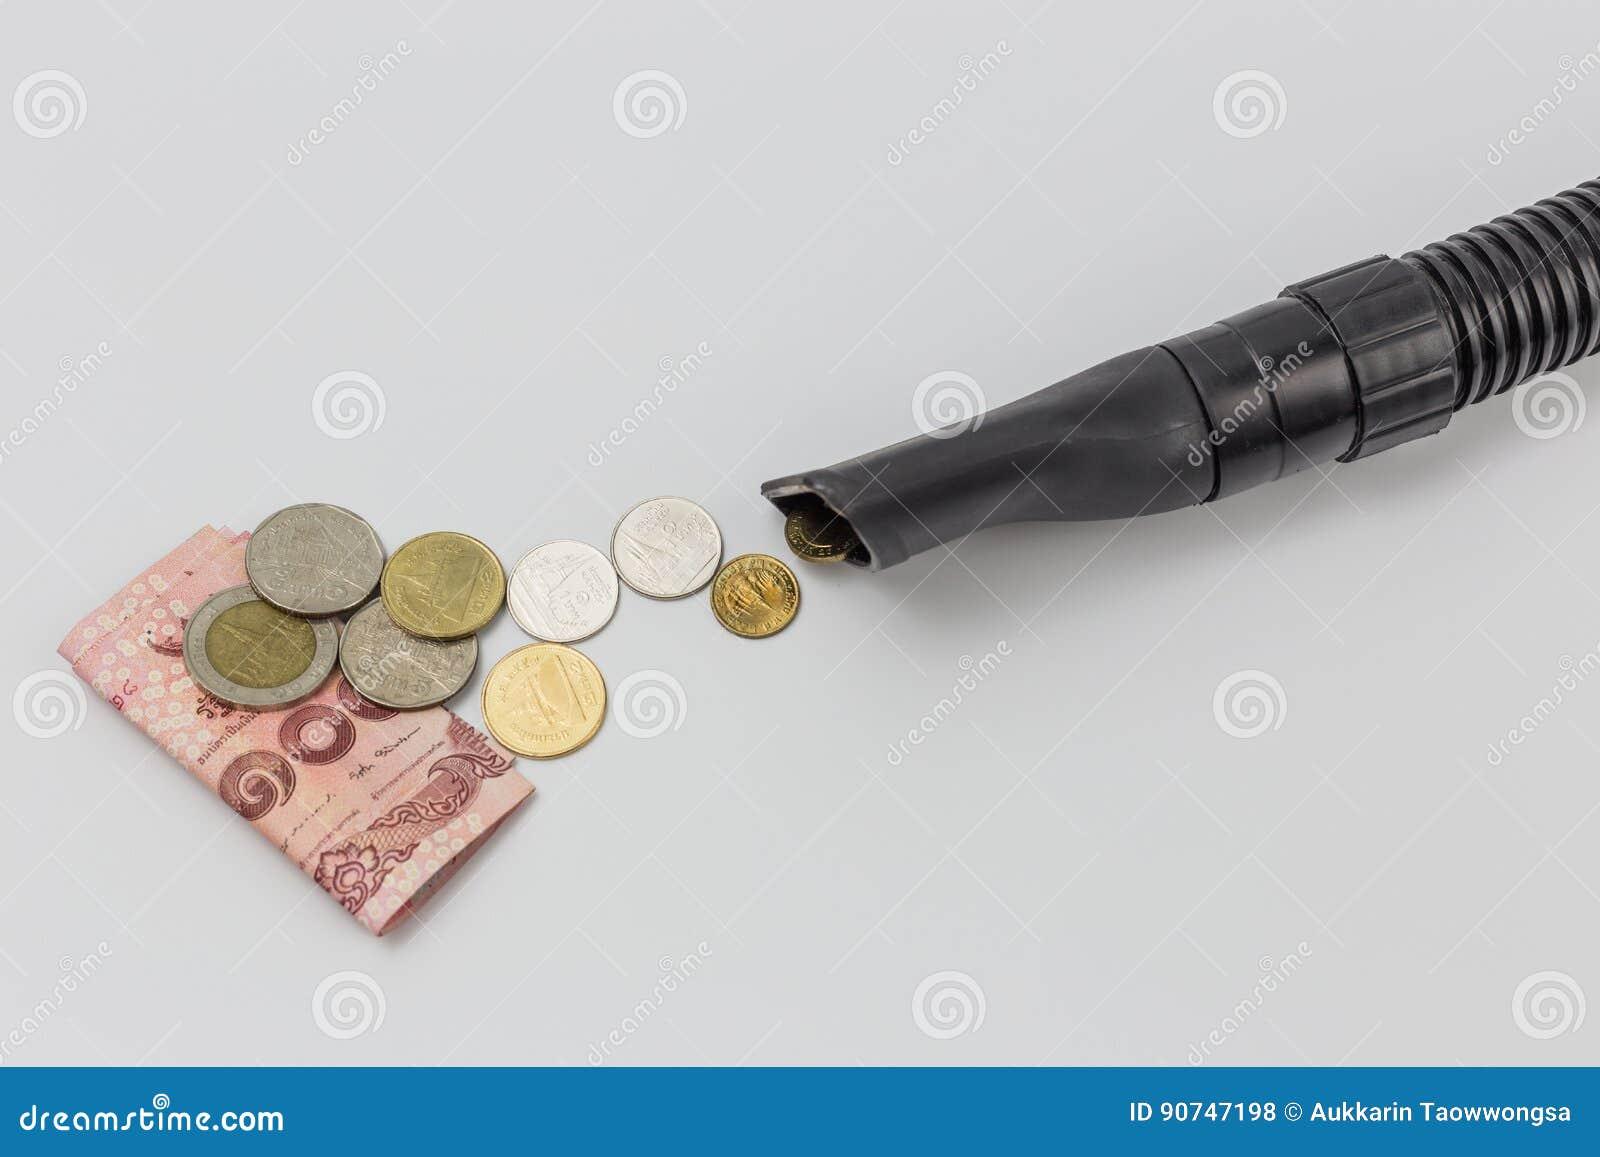 Enige stofzuigerpijp die het geld van Thailand zuigen